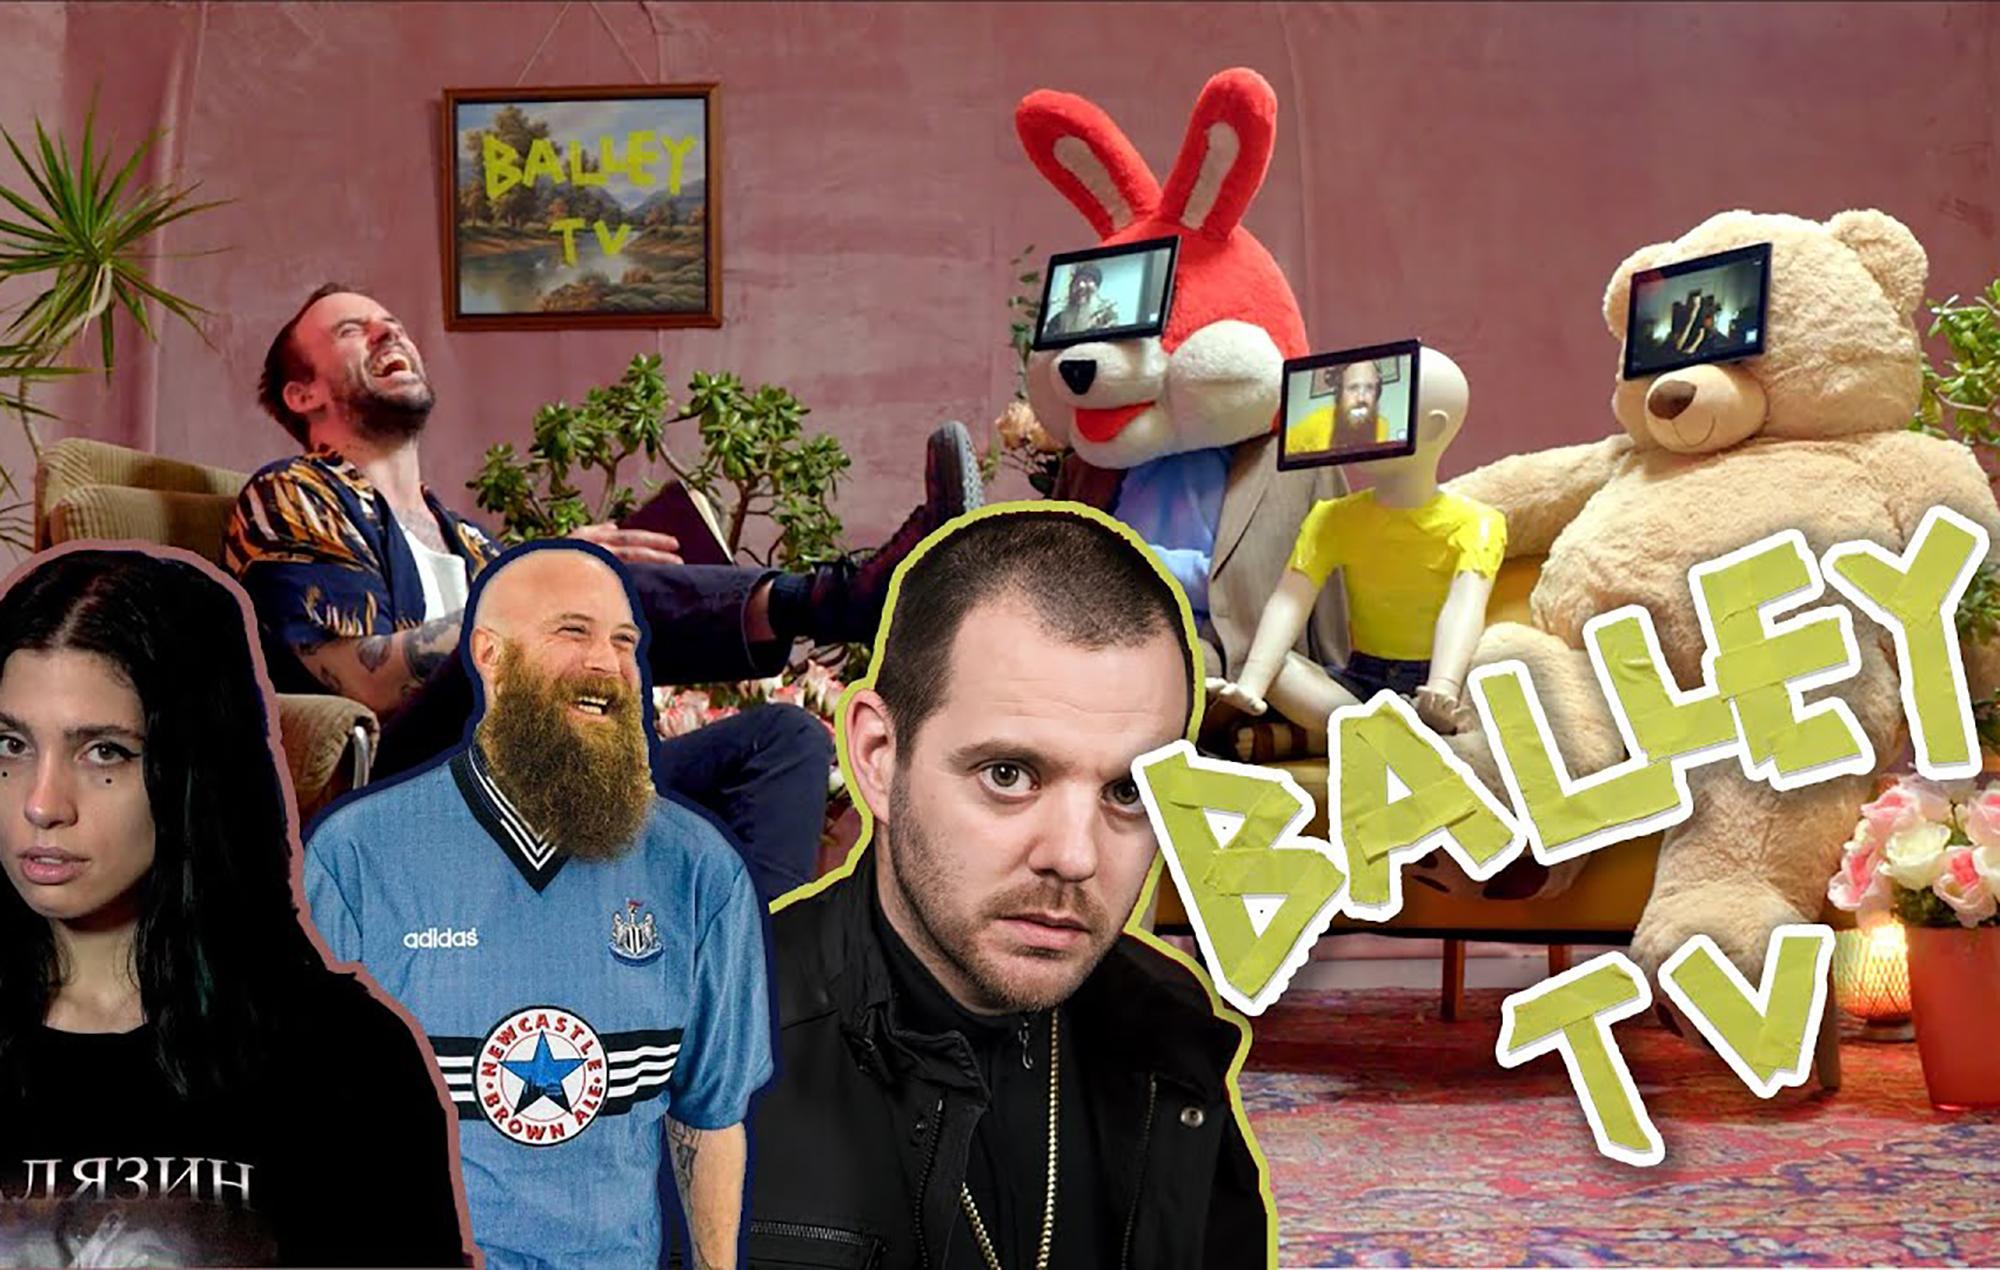 Balley TV